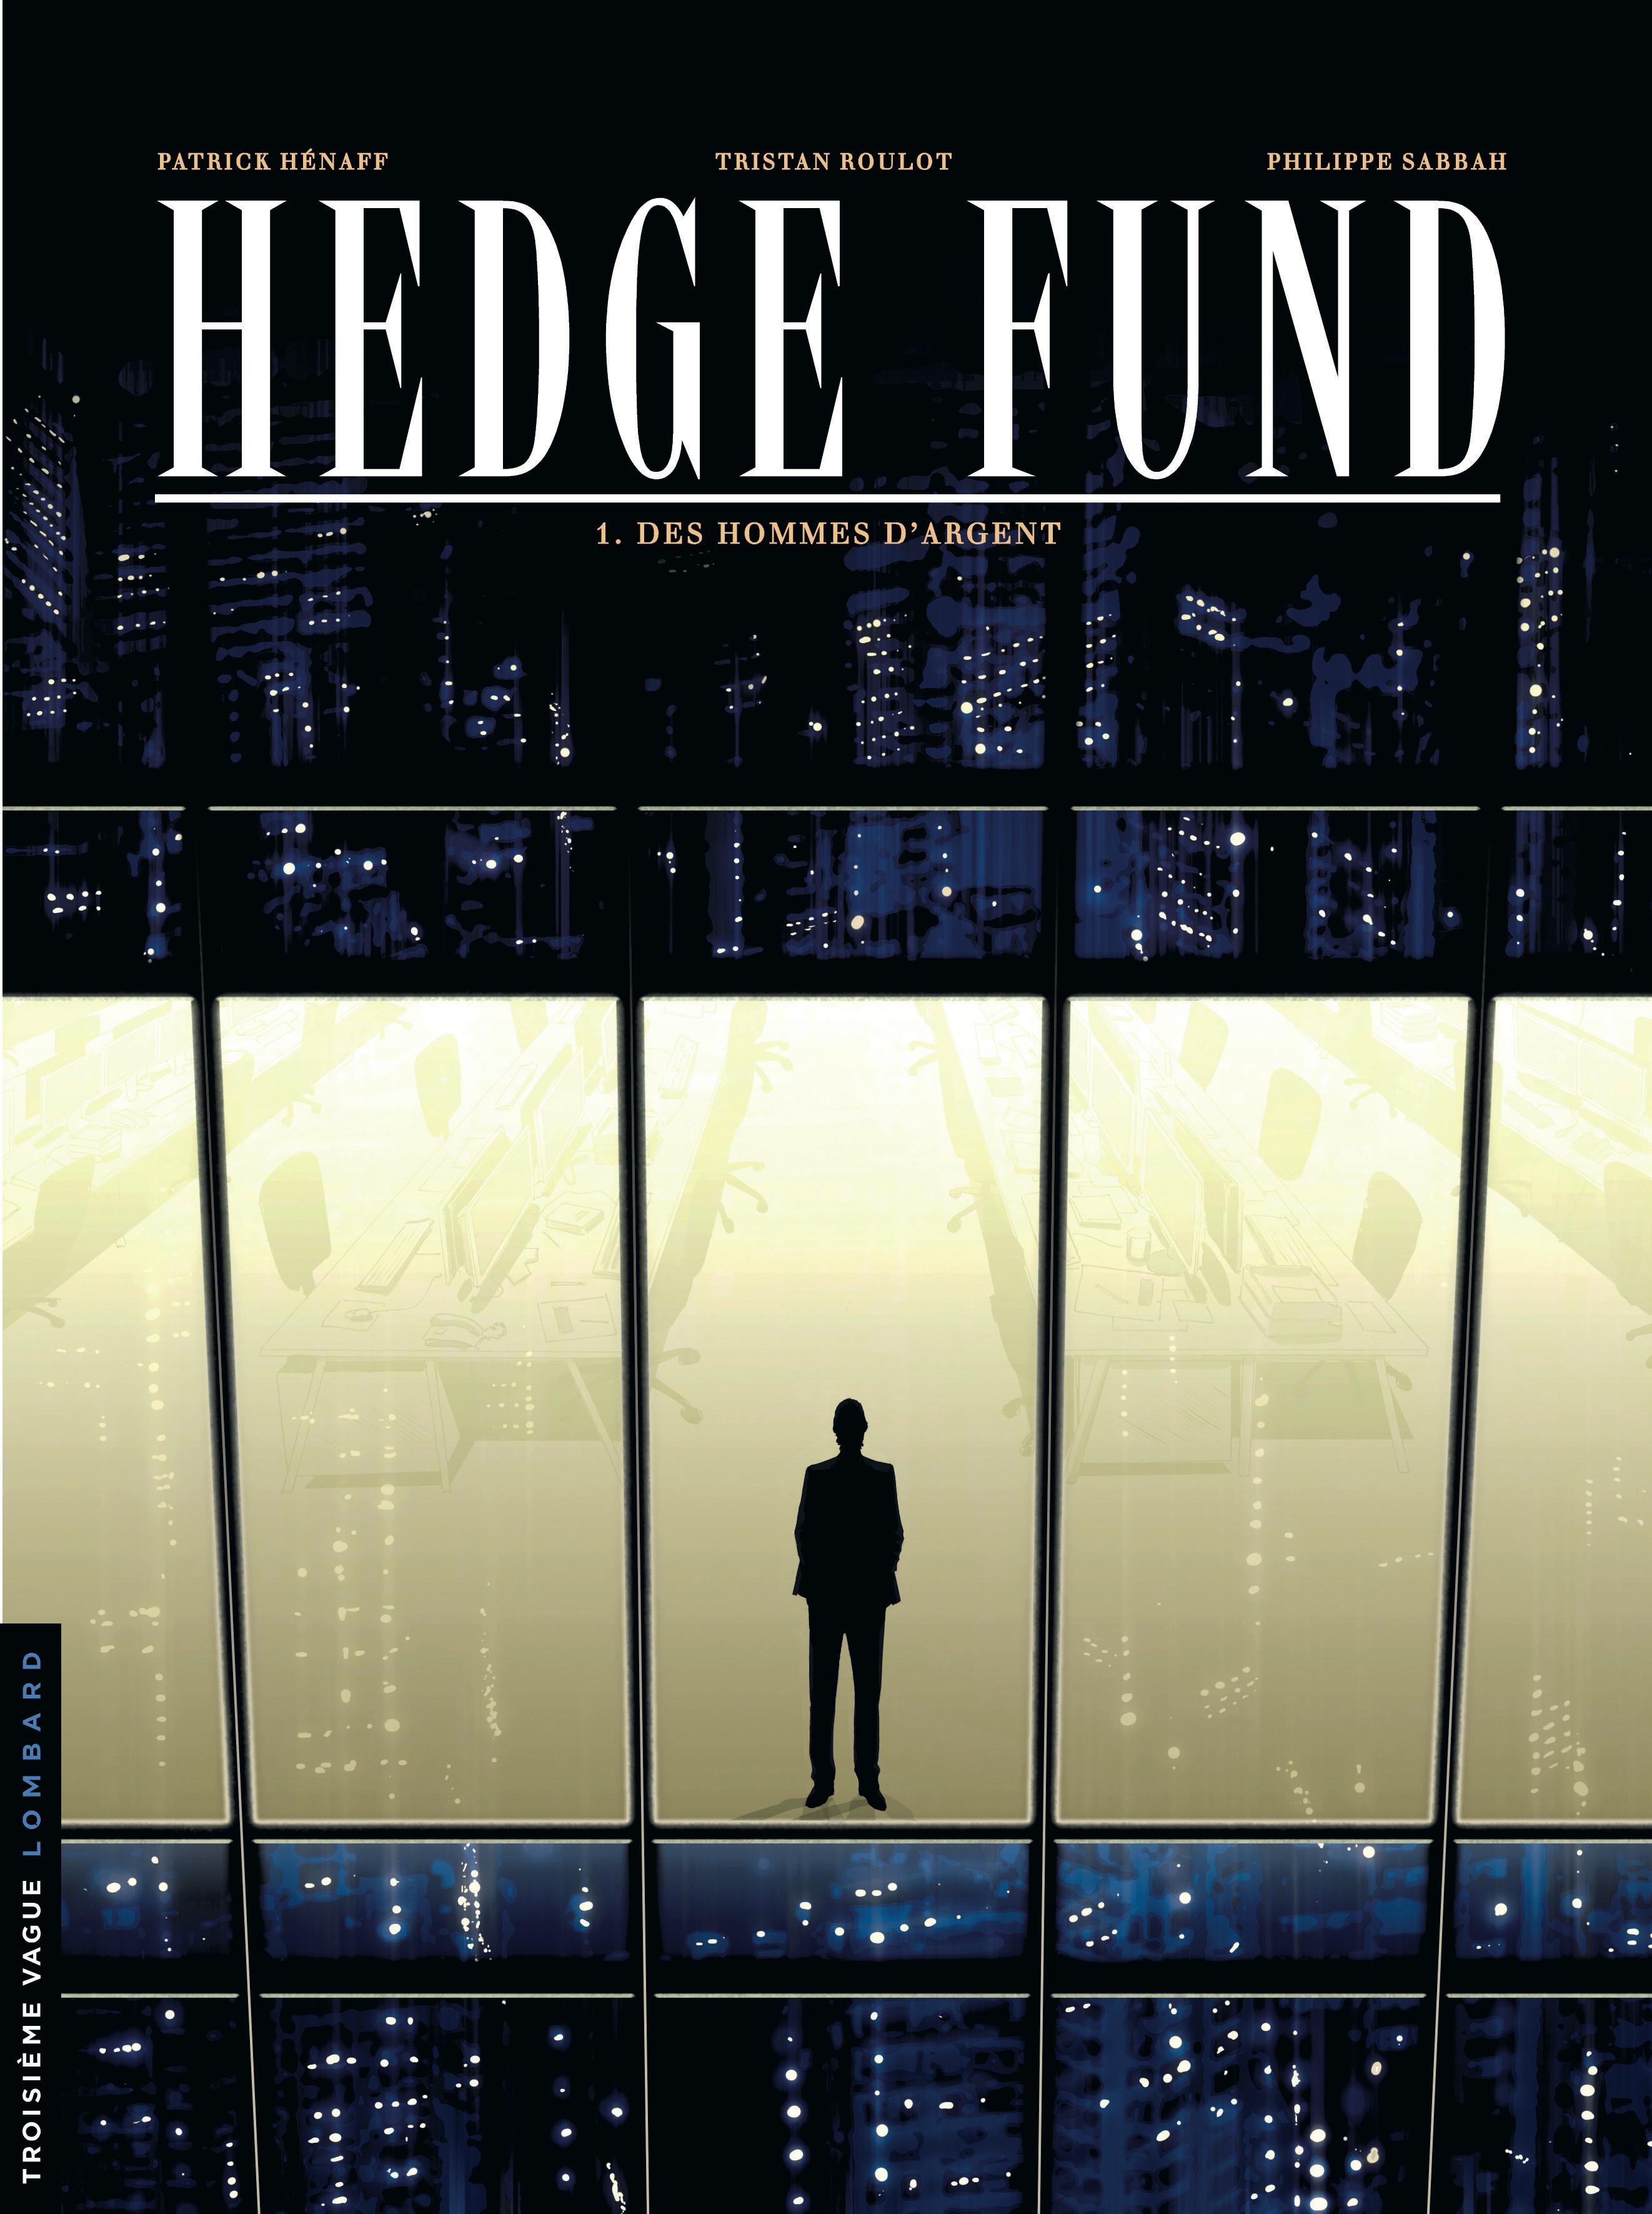 Hedge Fund 1 - Des Hommes d'argent